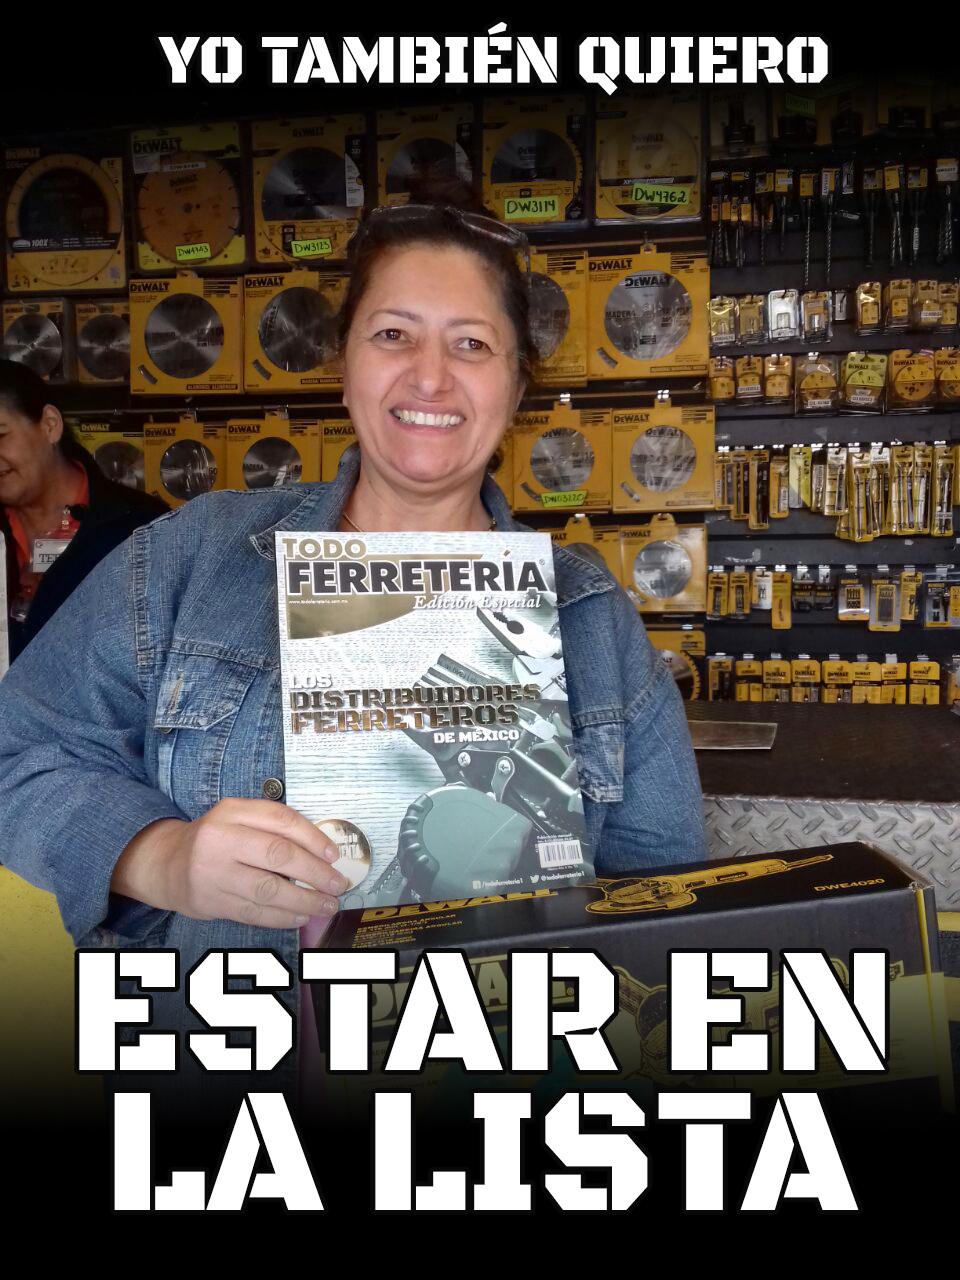 02_Yo_tambien_quiero_estar_en_la_lista-2